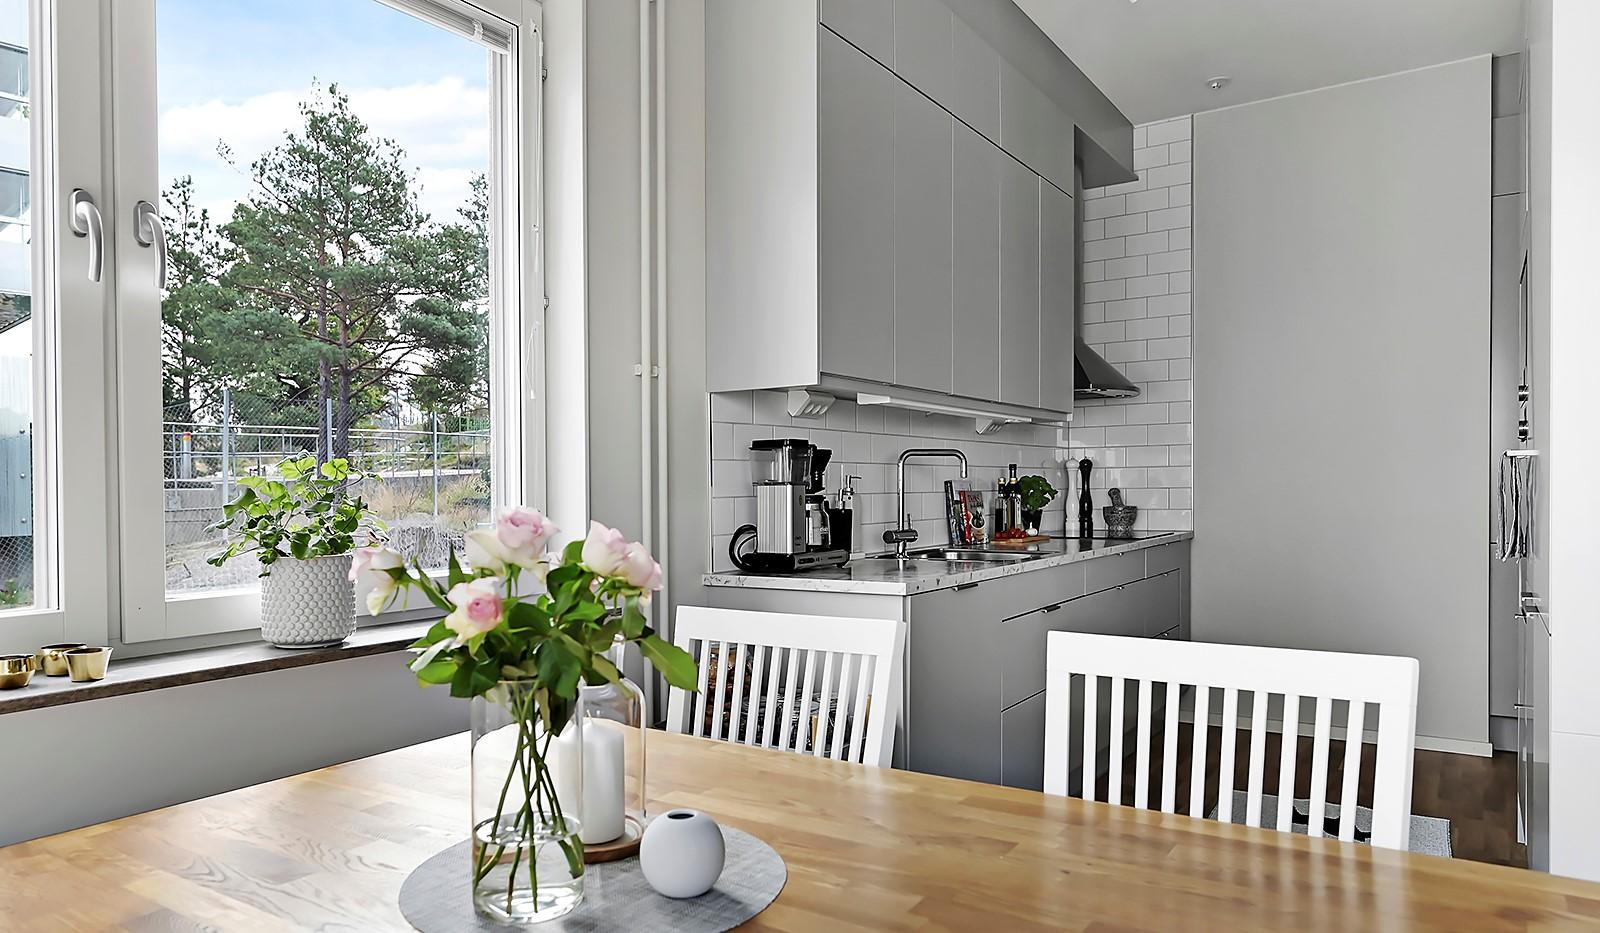 Sjöviksvägen 128, 7 tr. - I anslutning till köket ryms en ordentlig matplats